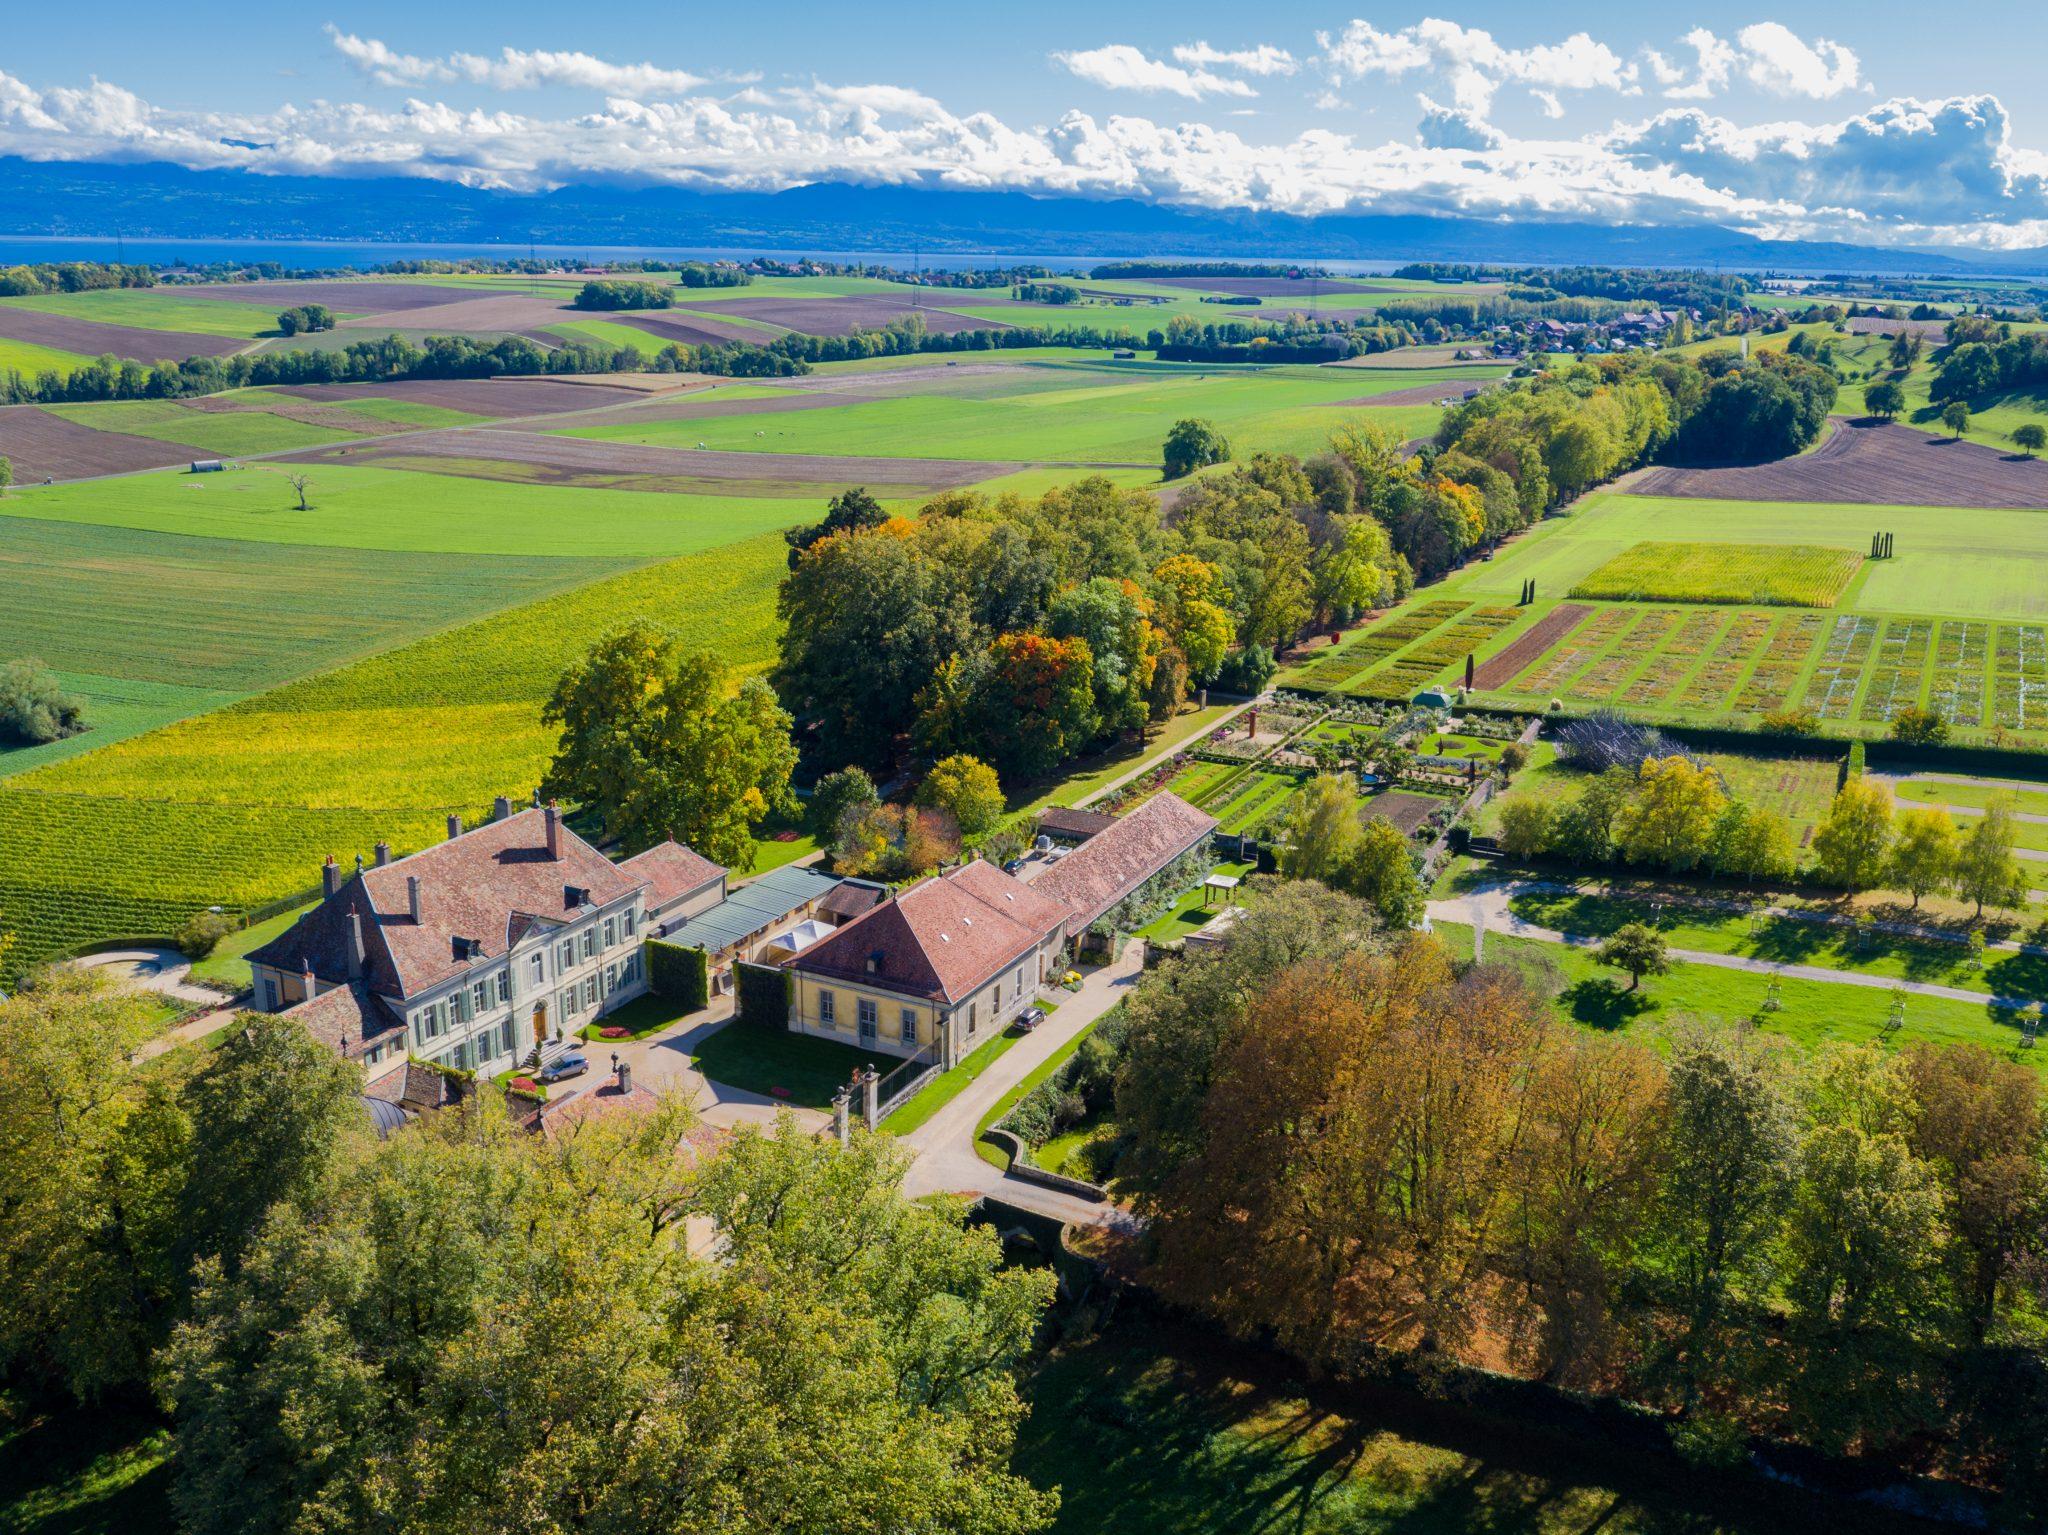 Vue aérienne du Château de Vullierens aux couleures automnales.